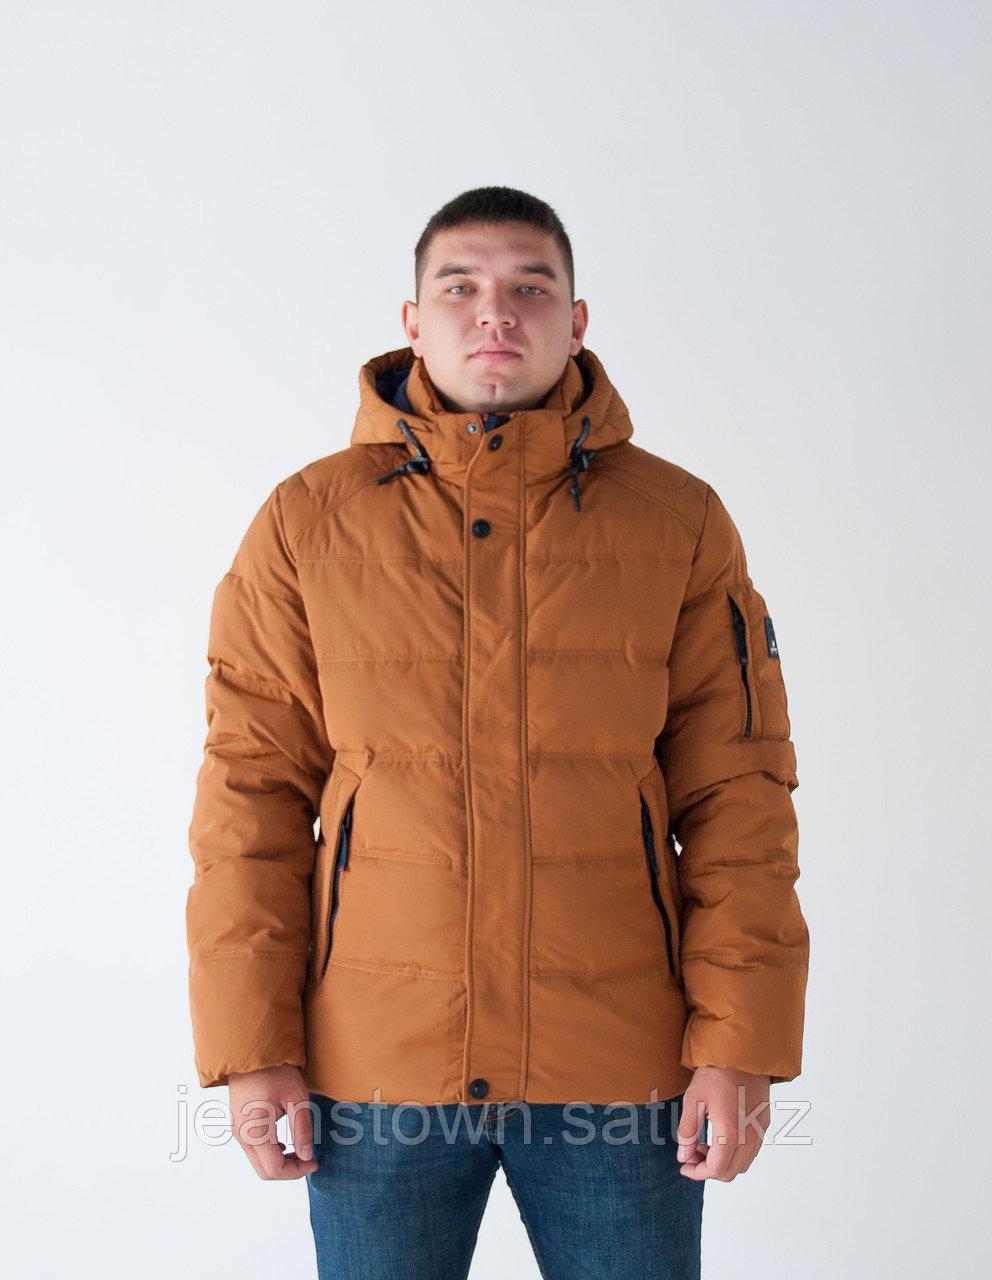 Куртка мужская зимняя  KINGS WIND   короткая  оранжевая